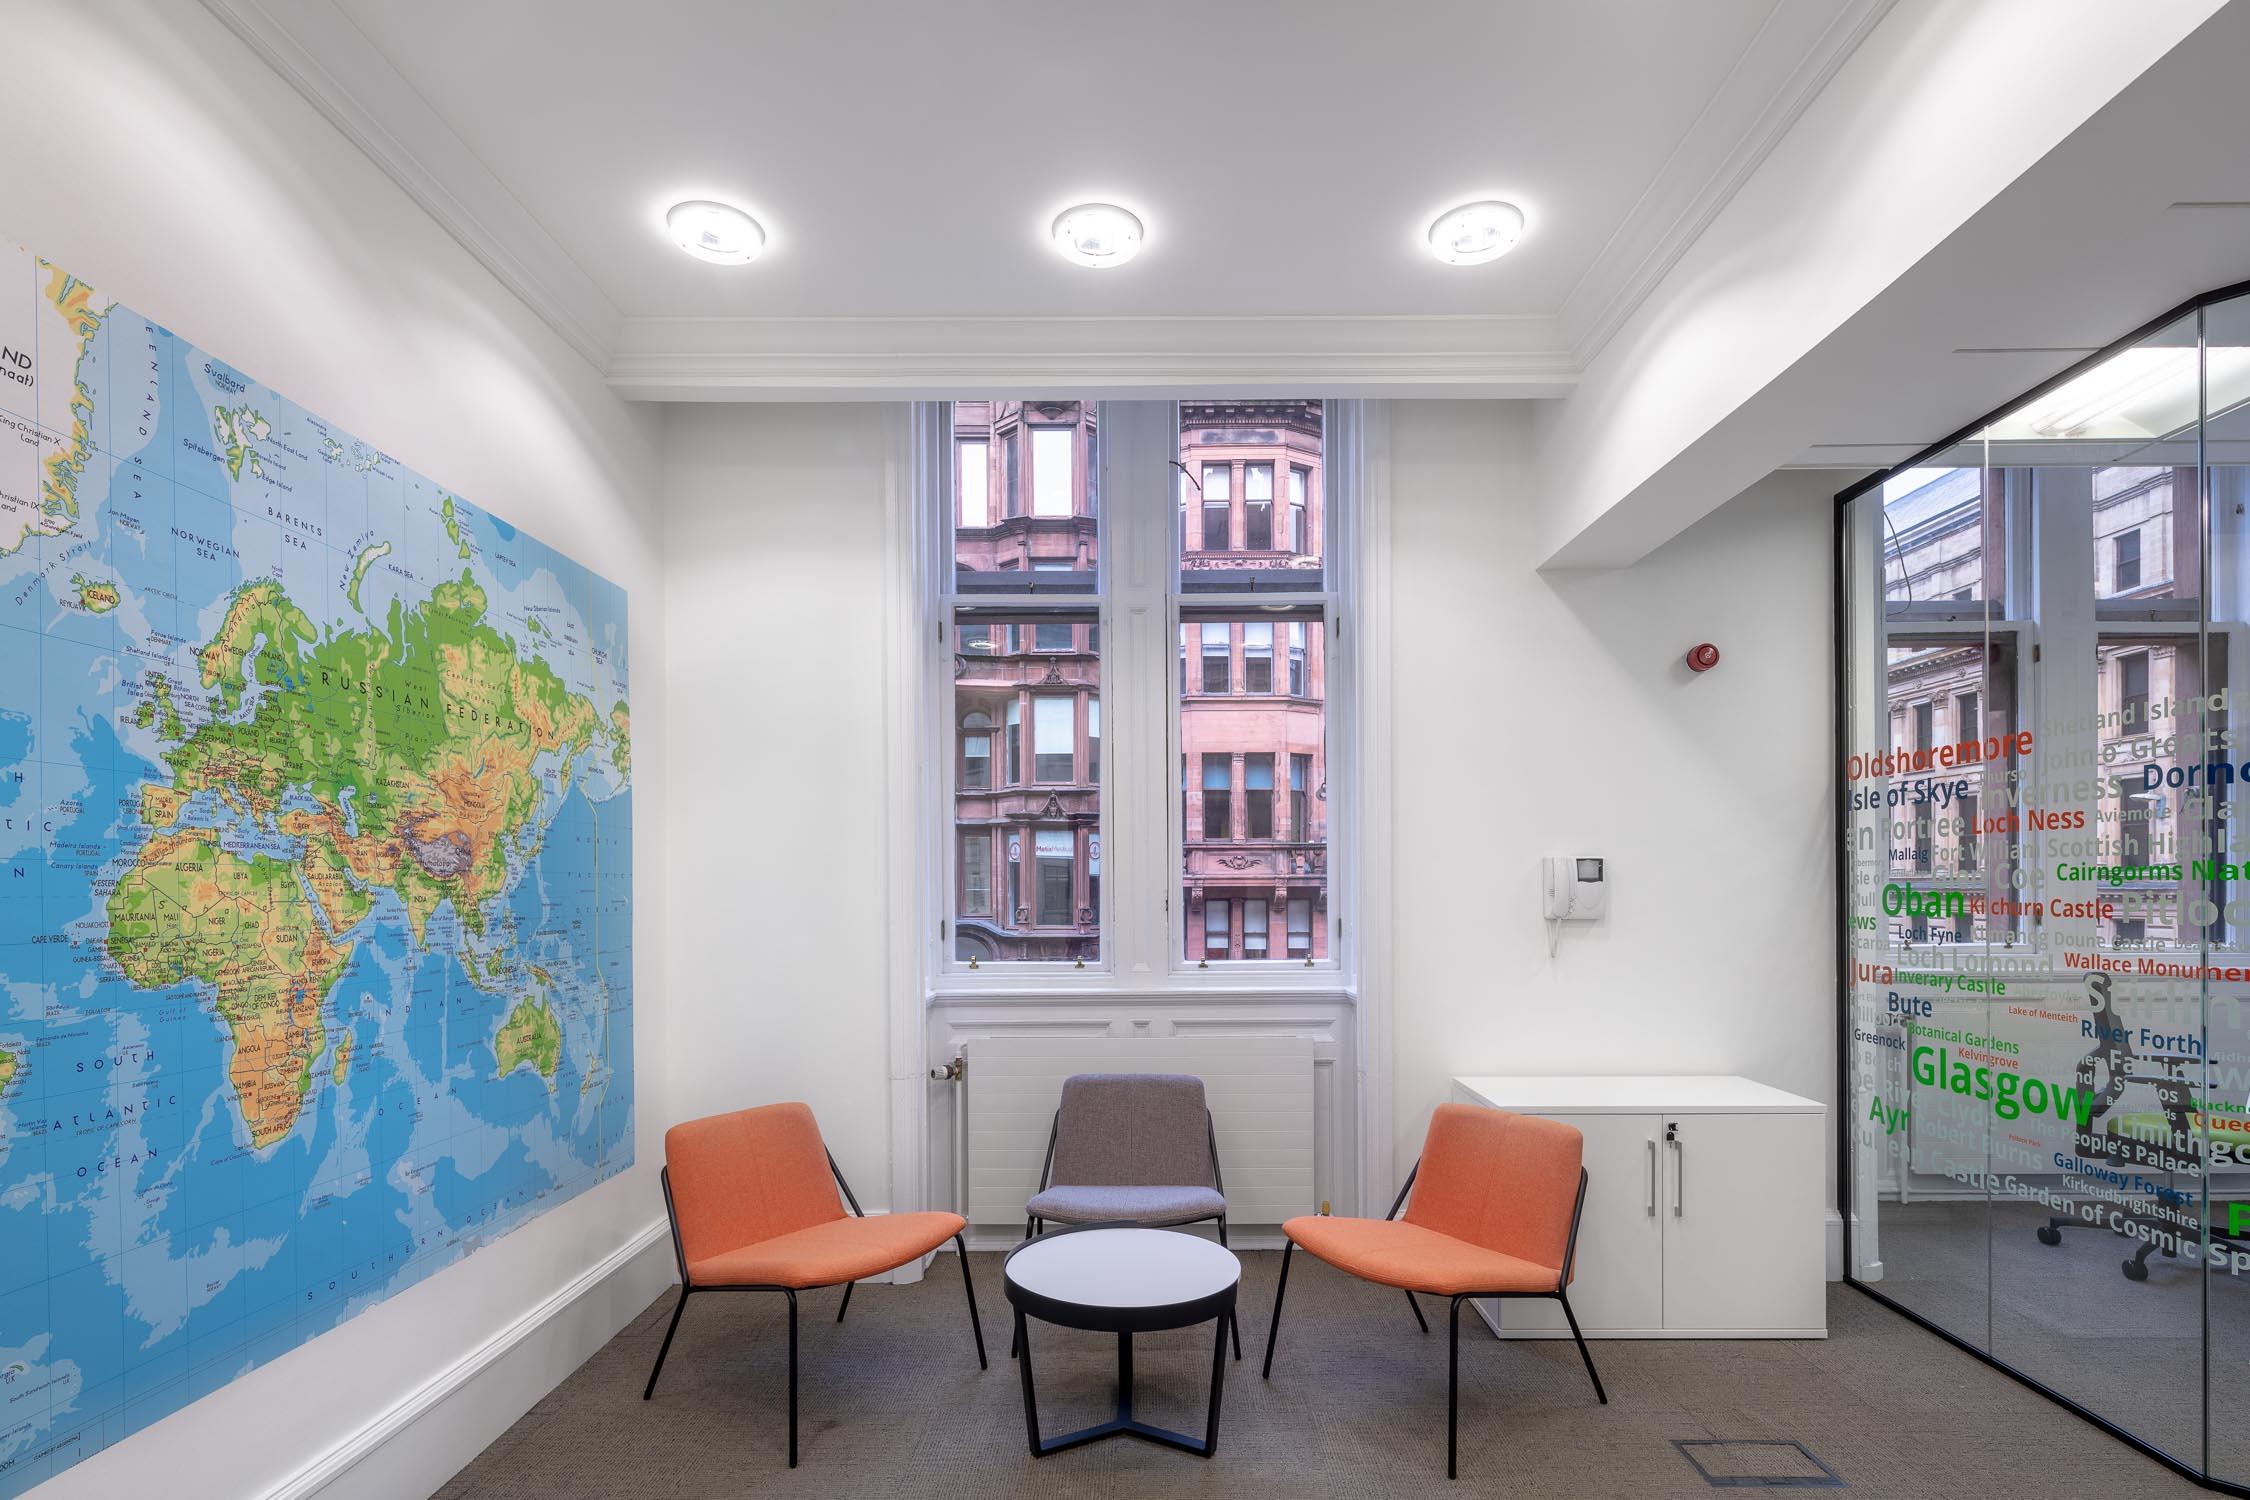 office interior design Tours by Locals Glasgow.jpg